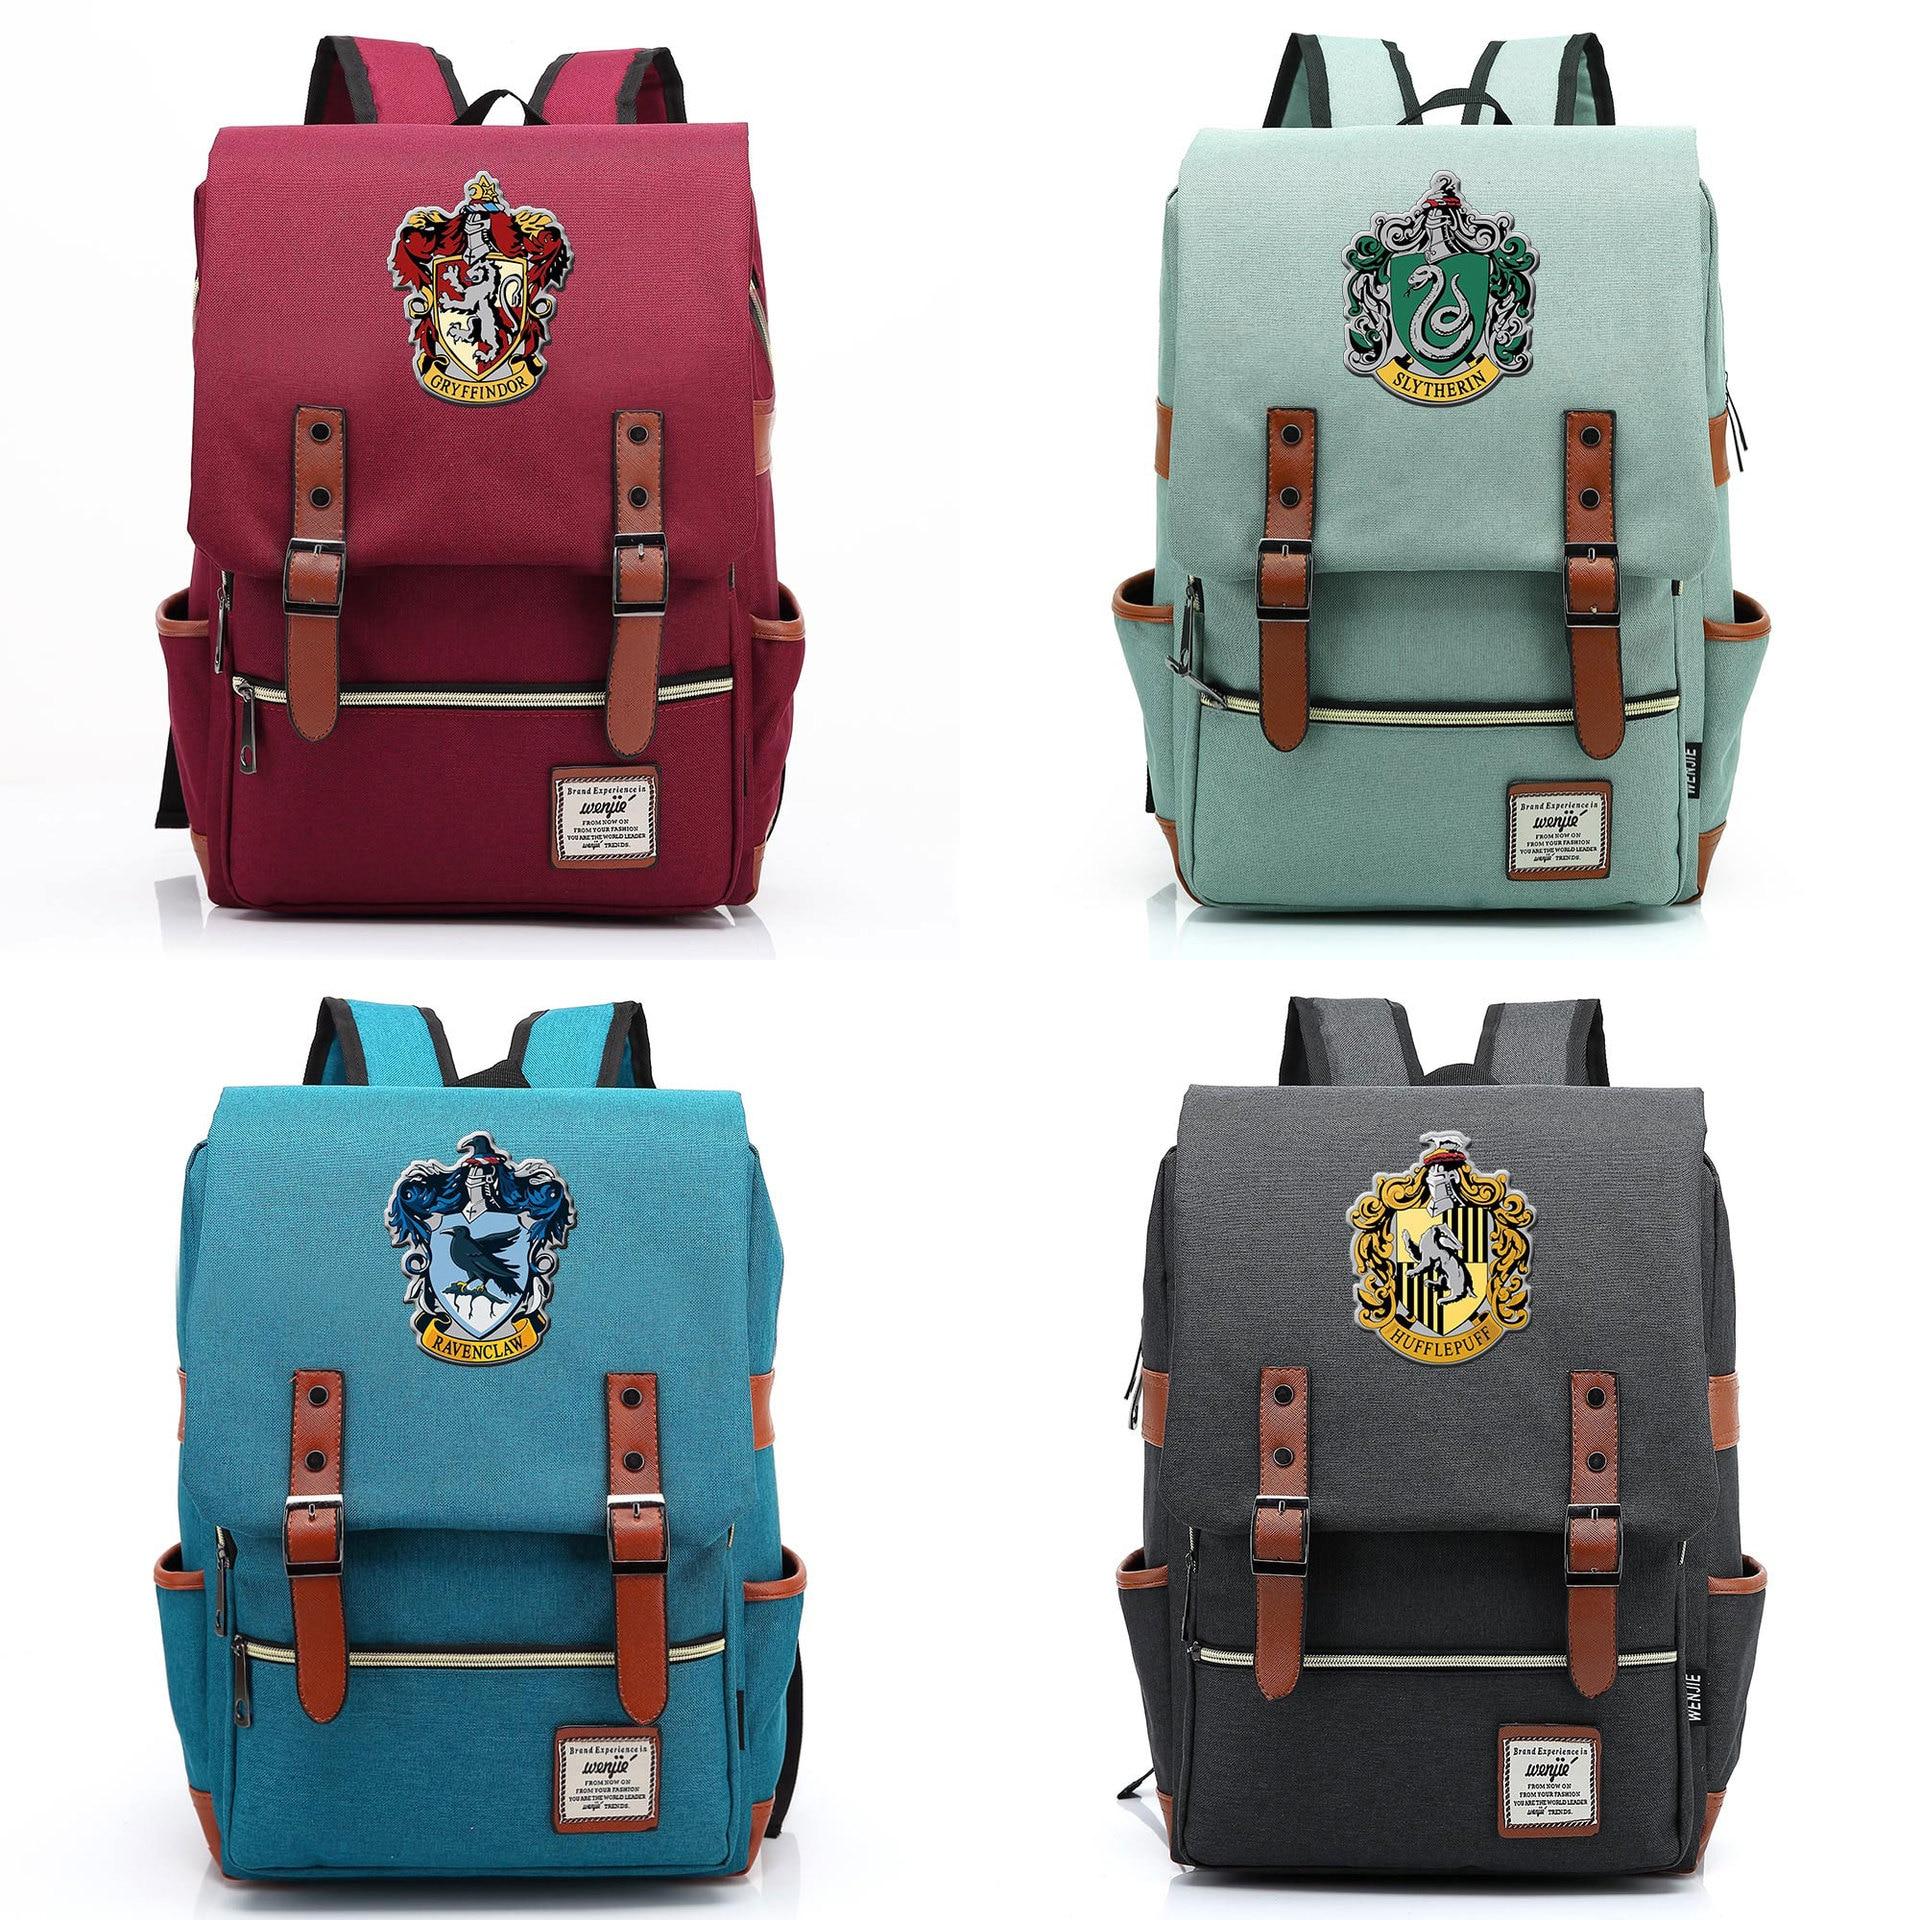 Рюкзак для косплея, 2020, мужские и женские рюкзаки для студентов, школьная сумка Хогвартс, Поттер, пуффендуй, Когтевран, Слизерин, школьная сумка